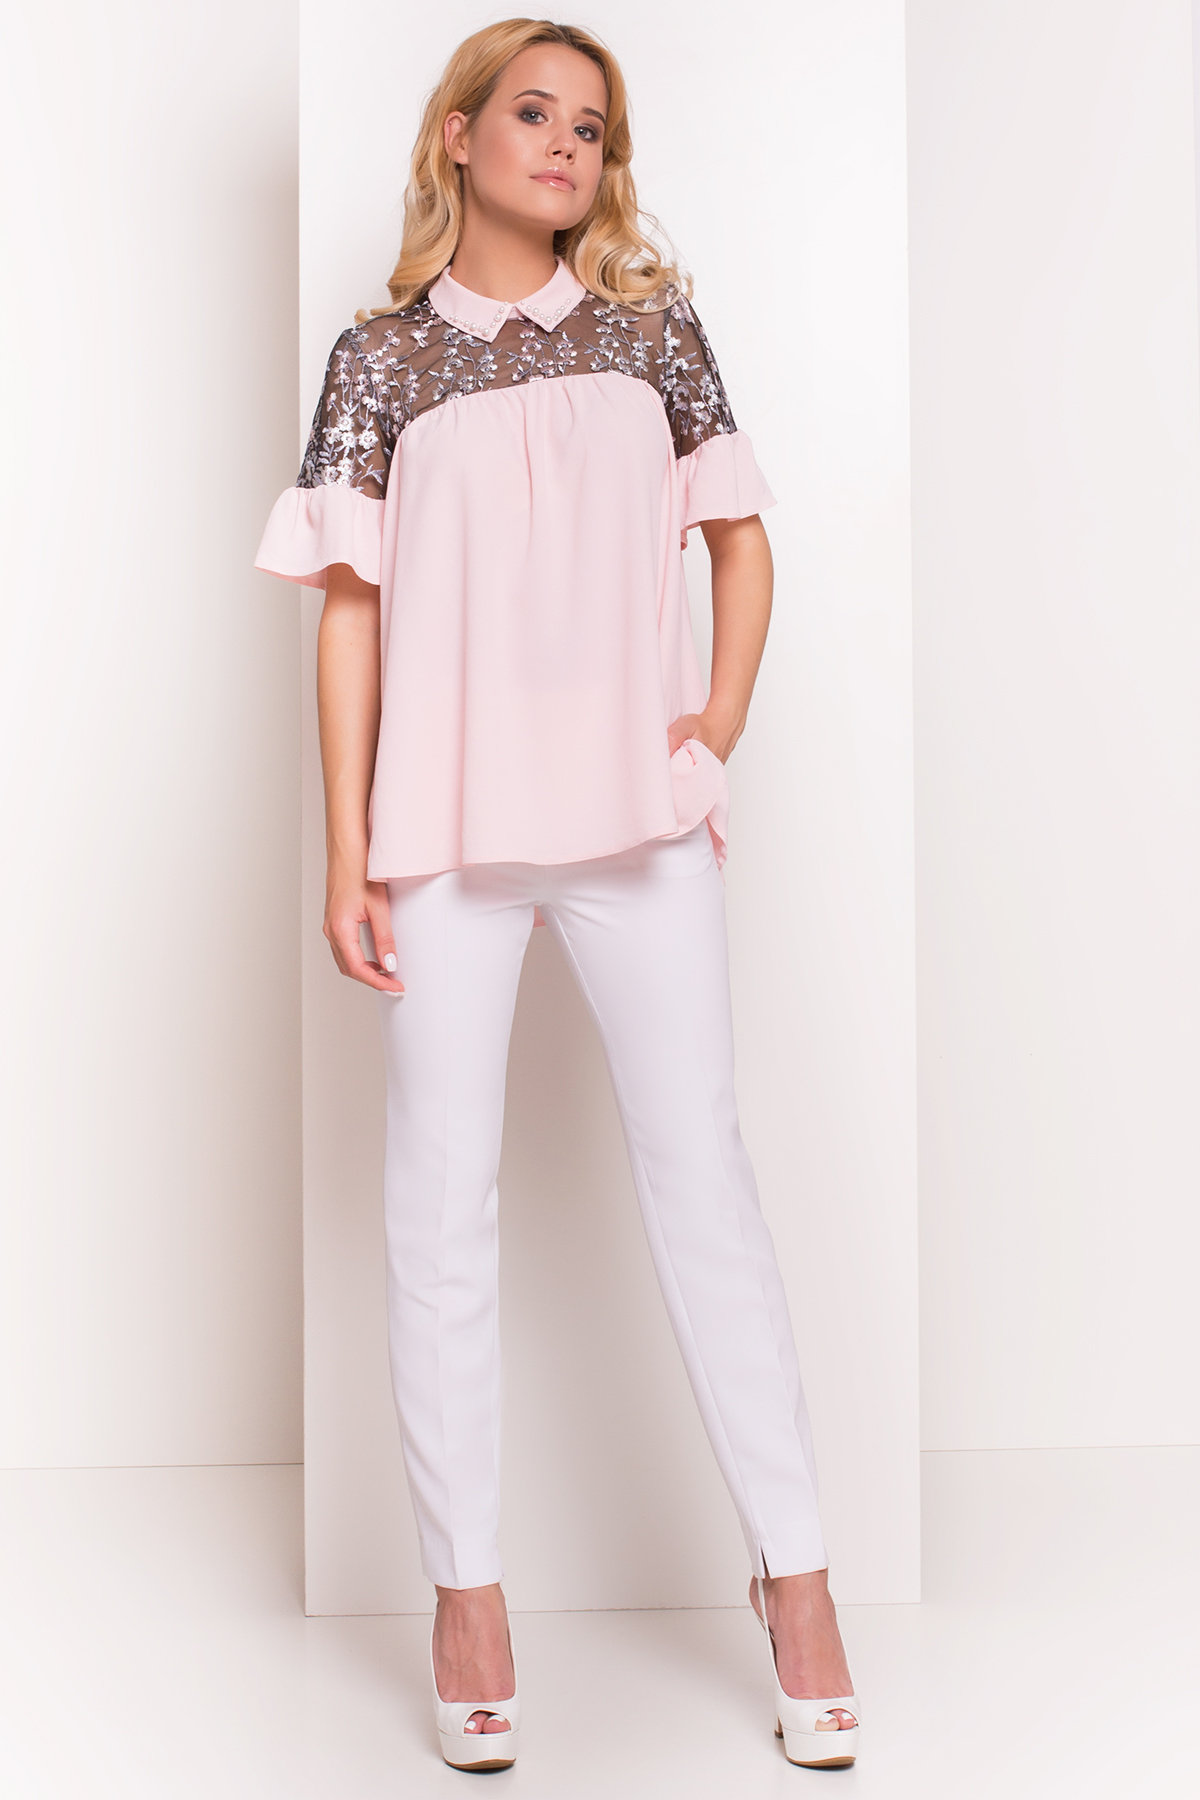 Блуза Джету 5127 АРТ. 36001 Цвет: Розовый Светлый - фото 1, интернет магазин tm-modus.ru